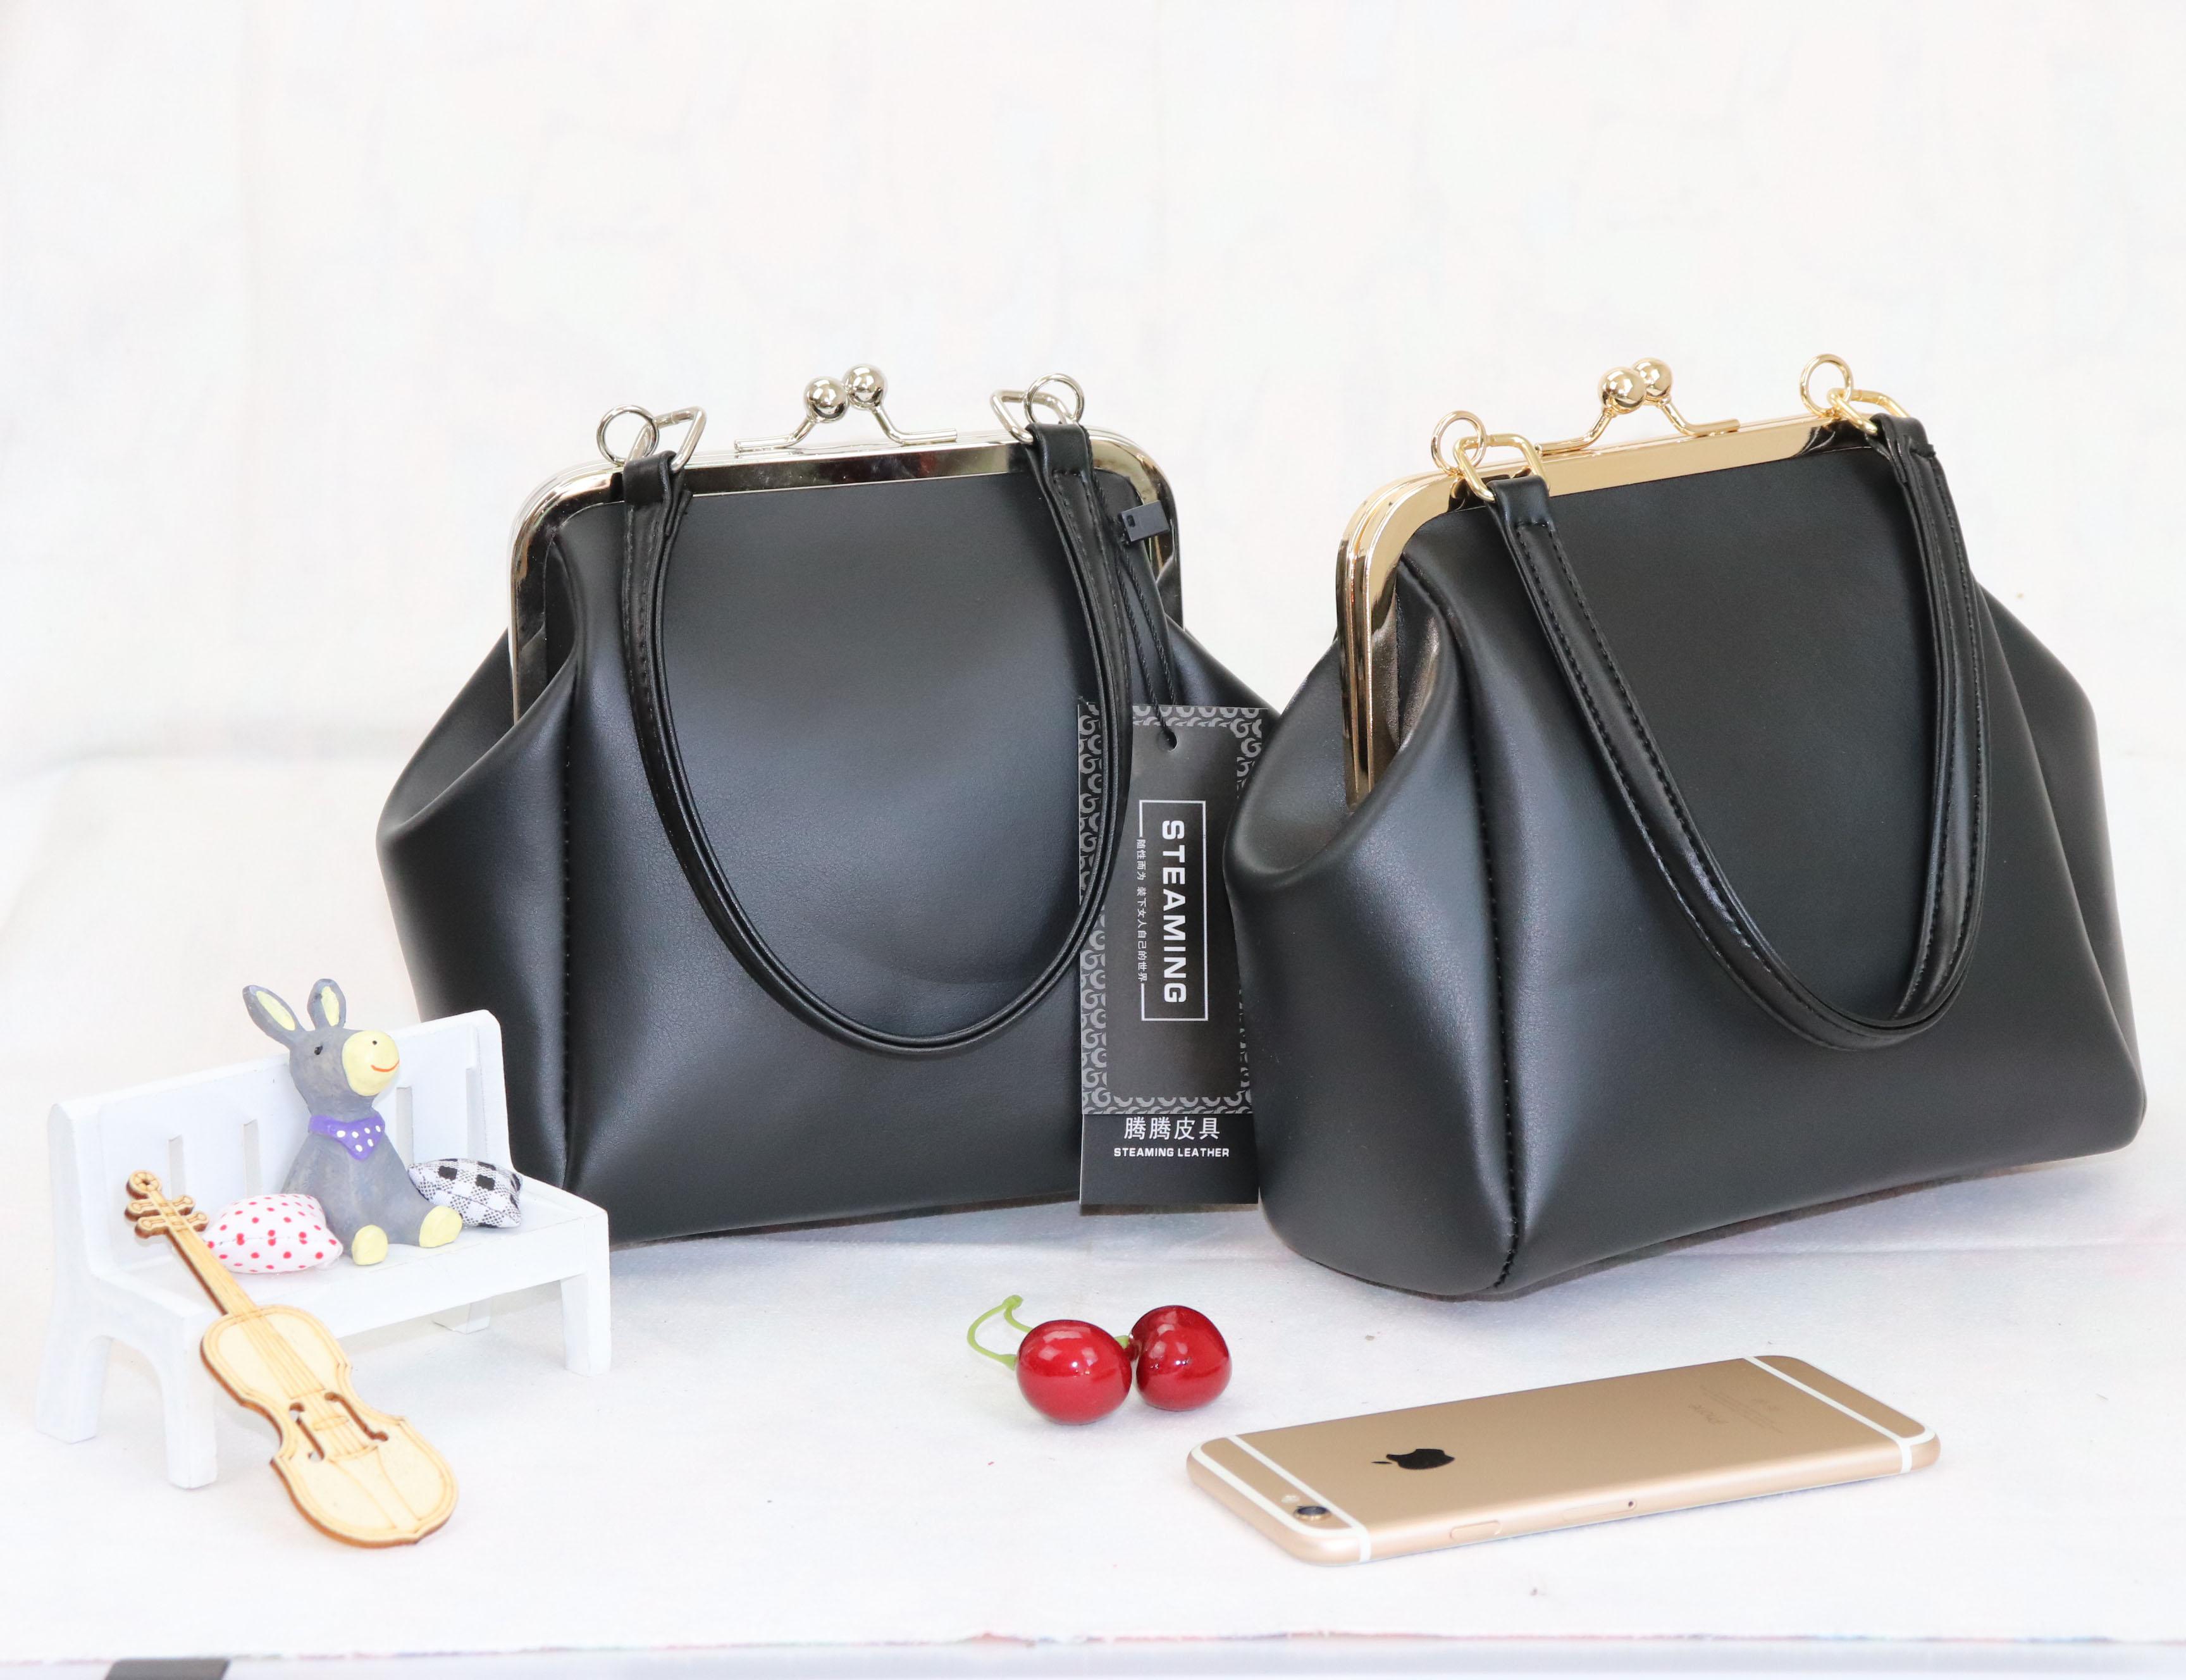 韩版时尚手提包 天天特价韩版复古夹子包2020新款包潮流手提包单肩女包斜挎小包包_推荐淘宝好看的女韩版手提包